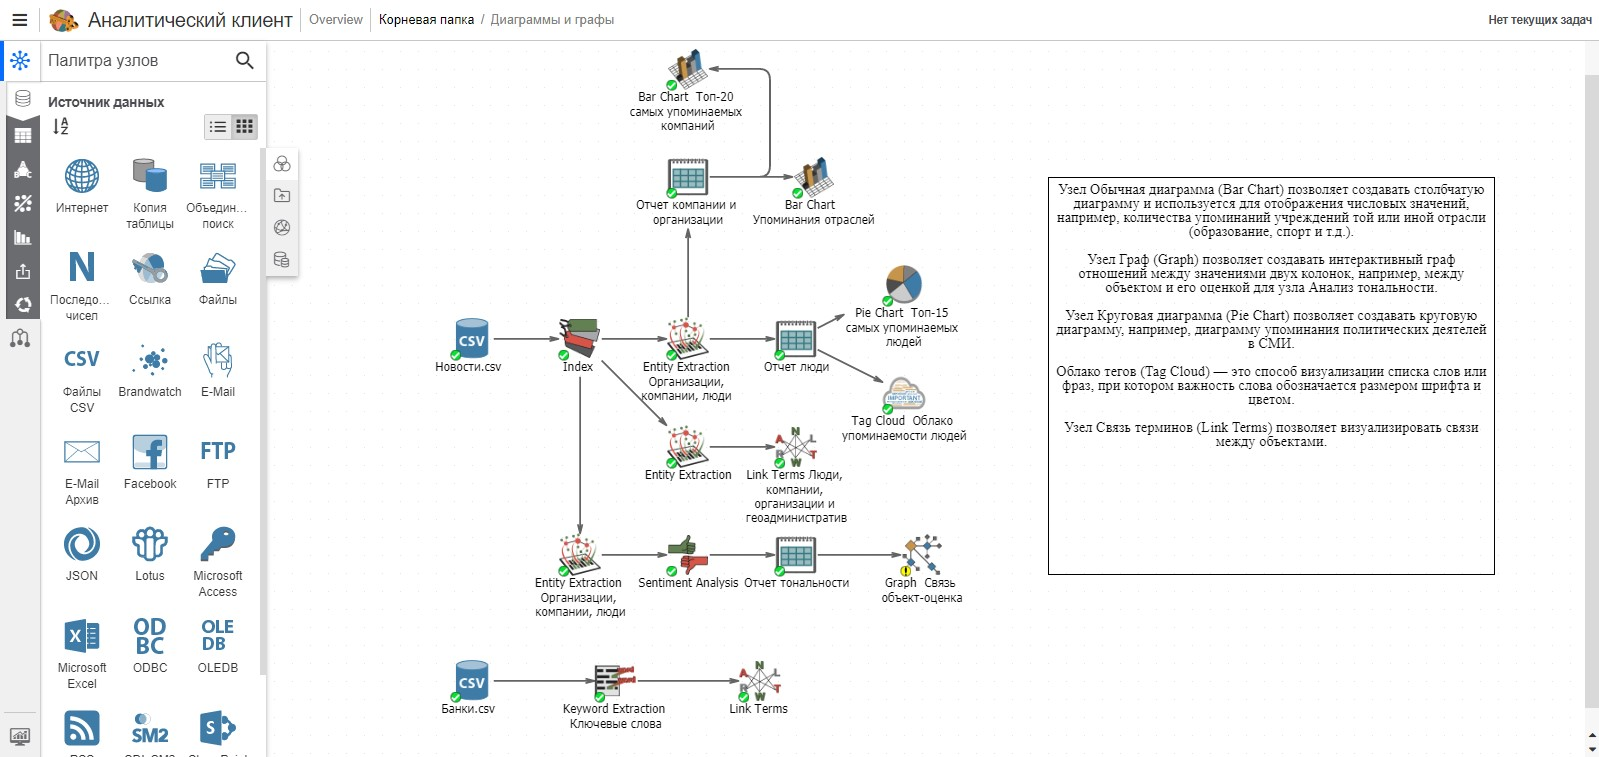 Работа со сценарием аналитической обработки данных в программной платформе Мегапьютер Полианалист